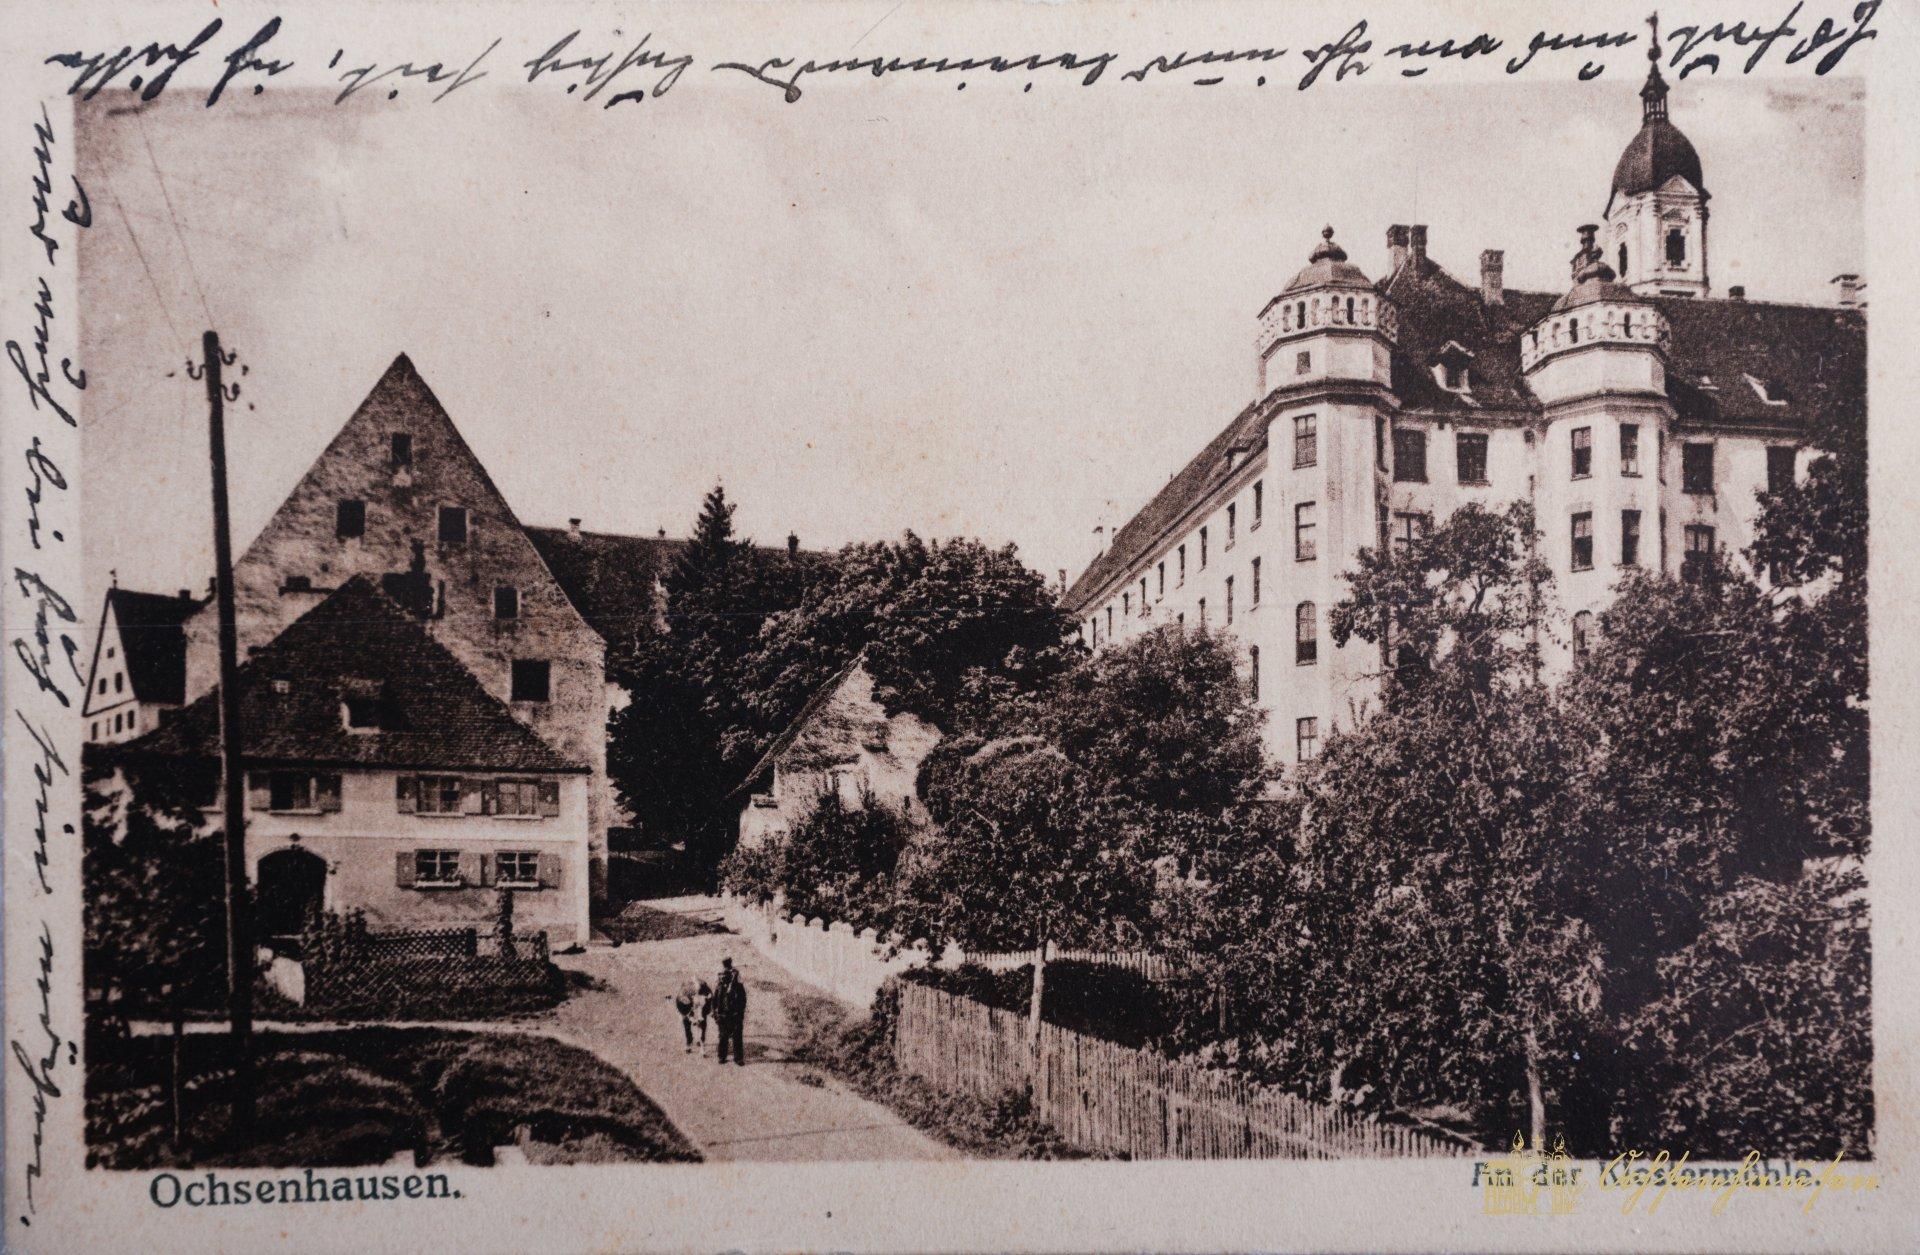 Ochsenhausen an der Klostermühle